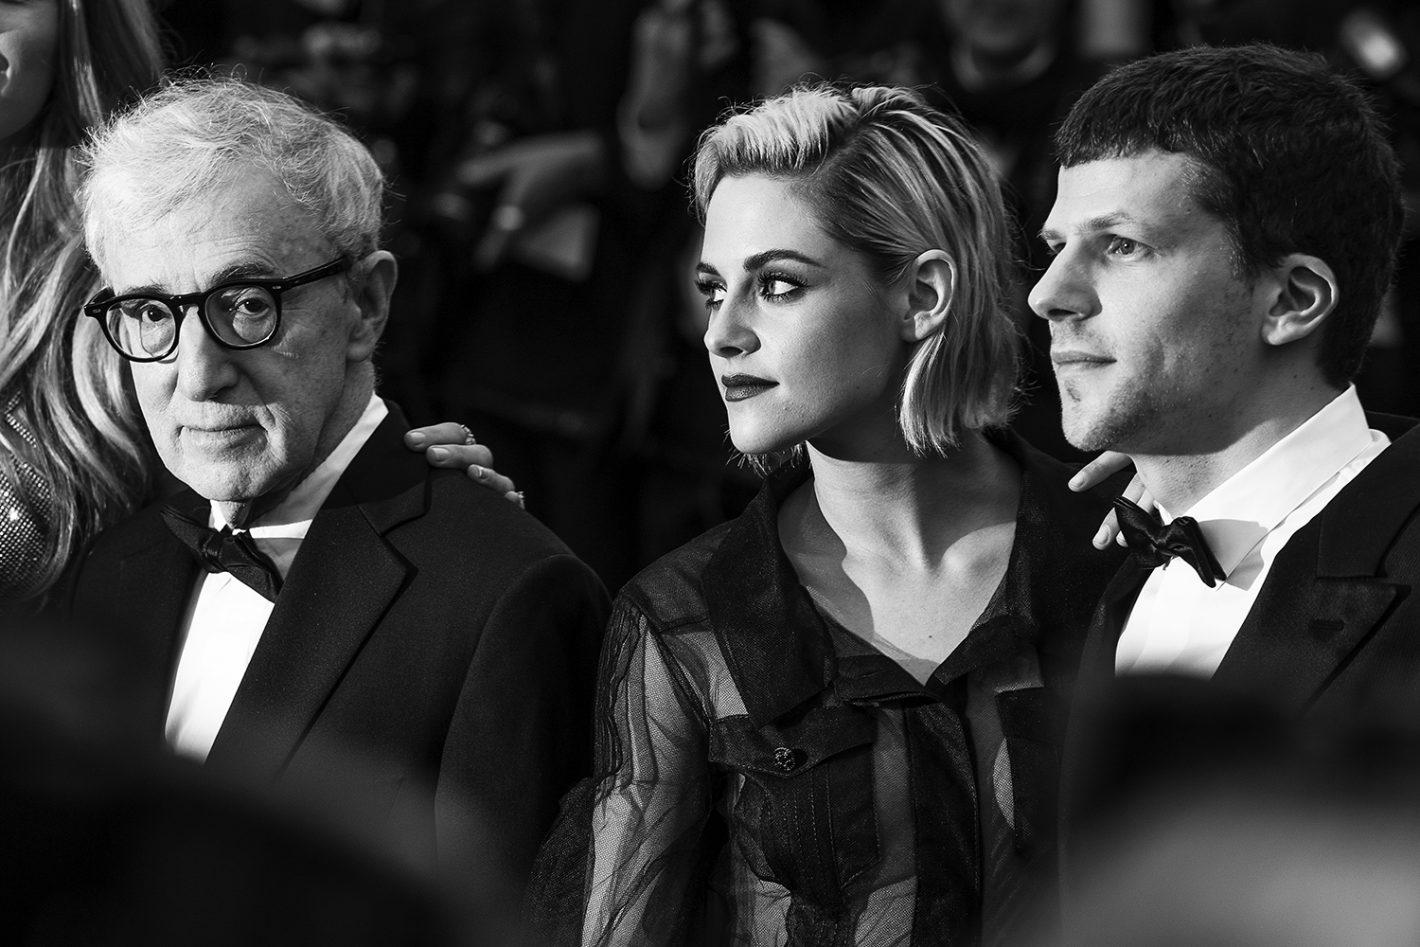 Festival de Cannes 2016 - Woody Allen, Kristen Stewart & Jesse Eisenberg - Nikon D5